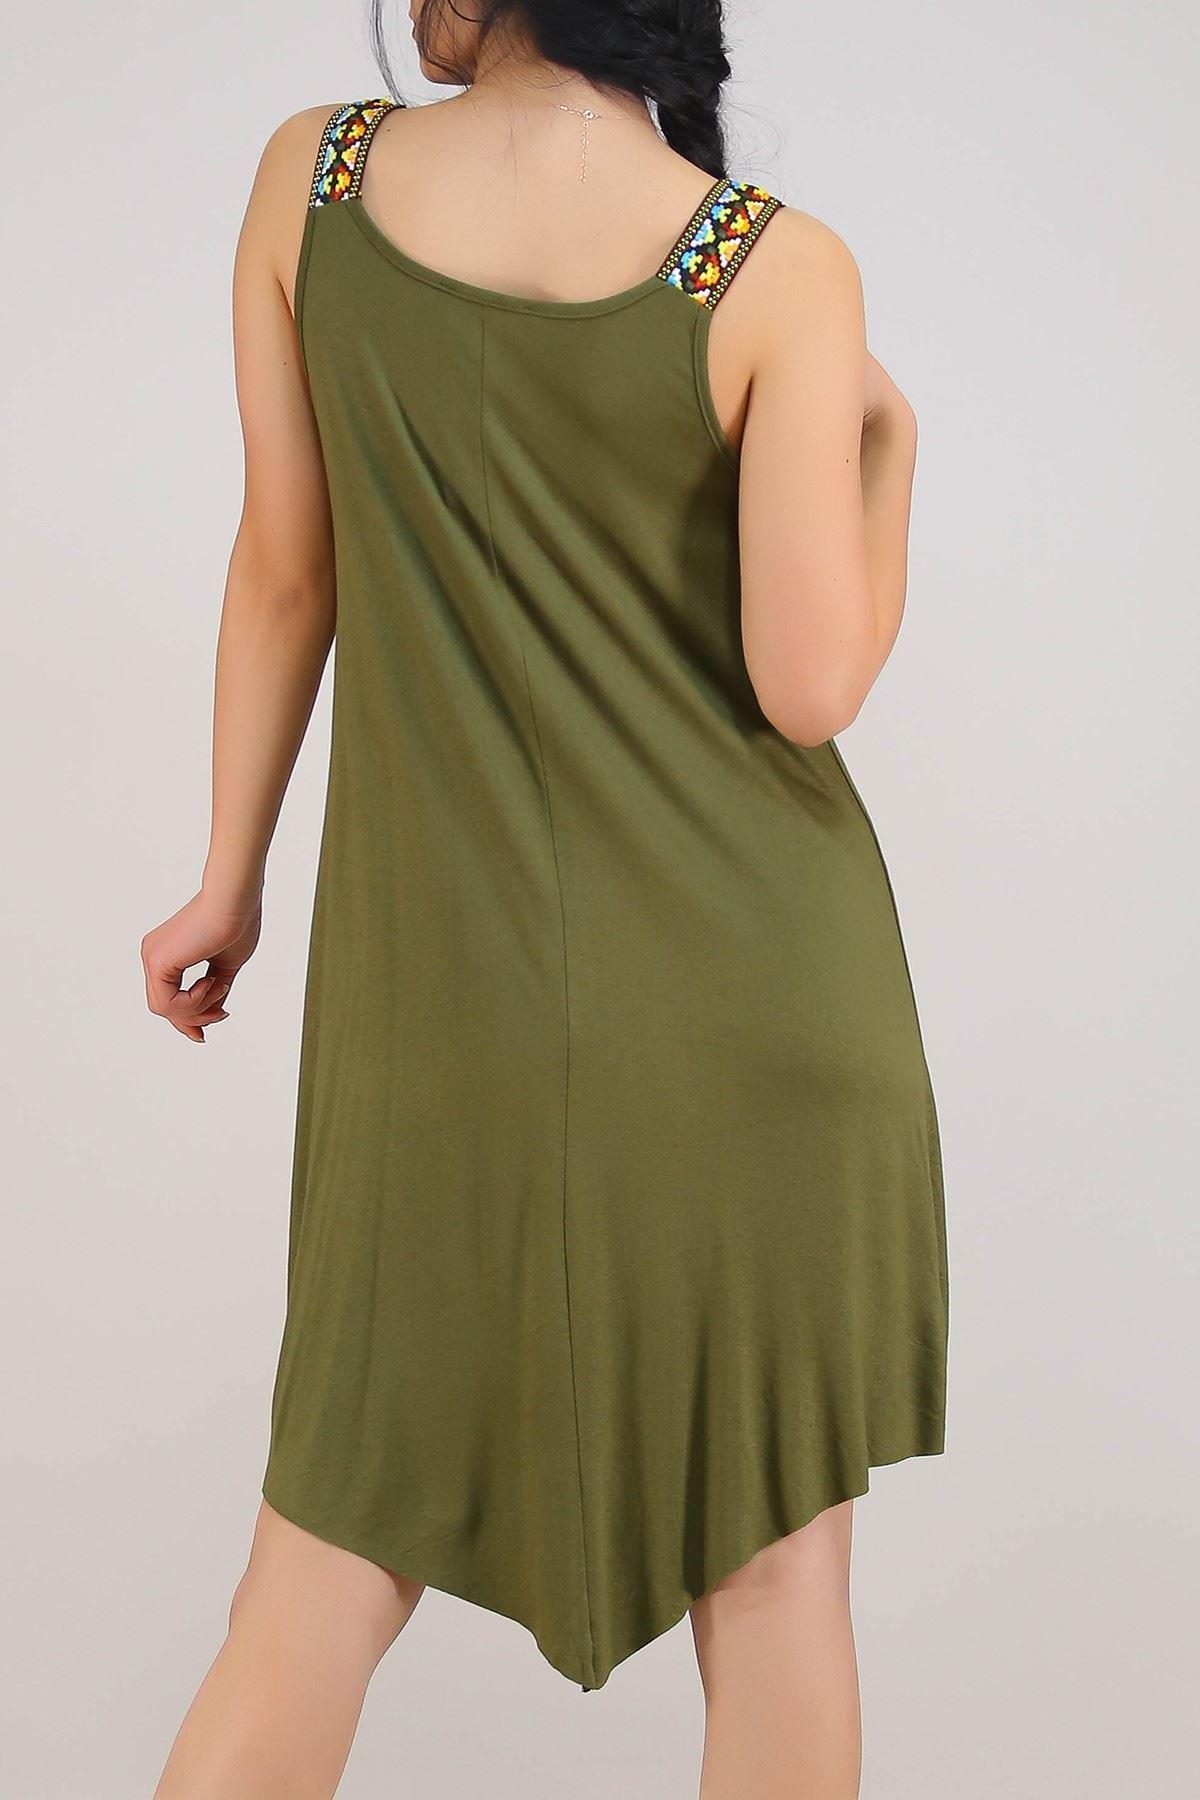 Omuzu Aksesuarlı Elbise Haki - 1221.1095.